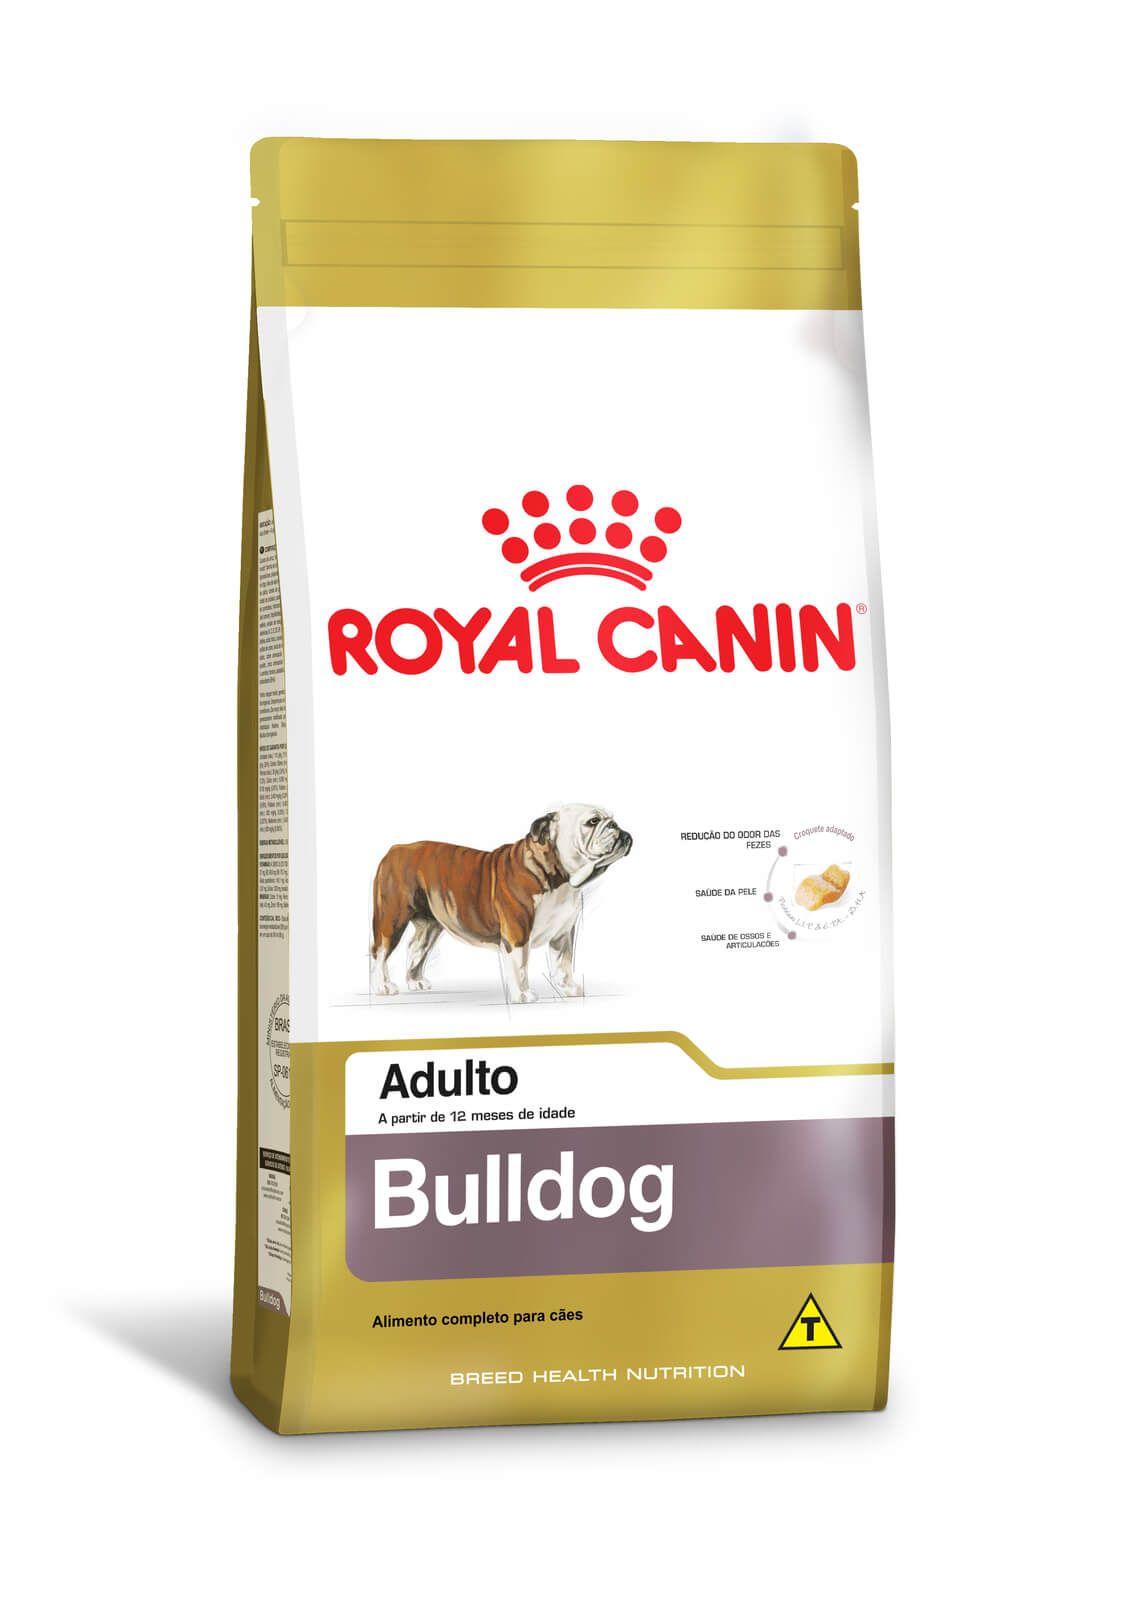 Ração Royal Canin Bulldog Adult 12kg